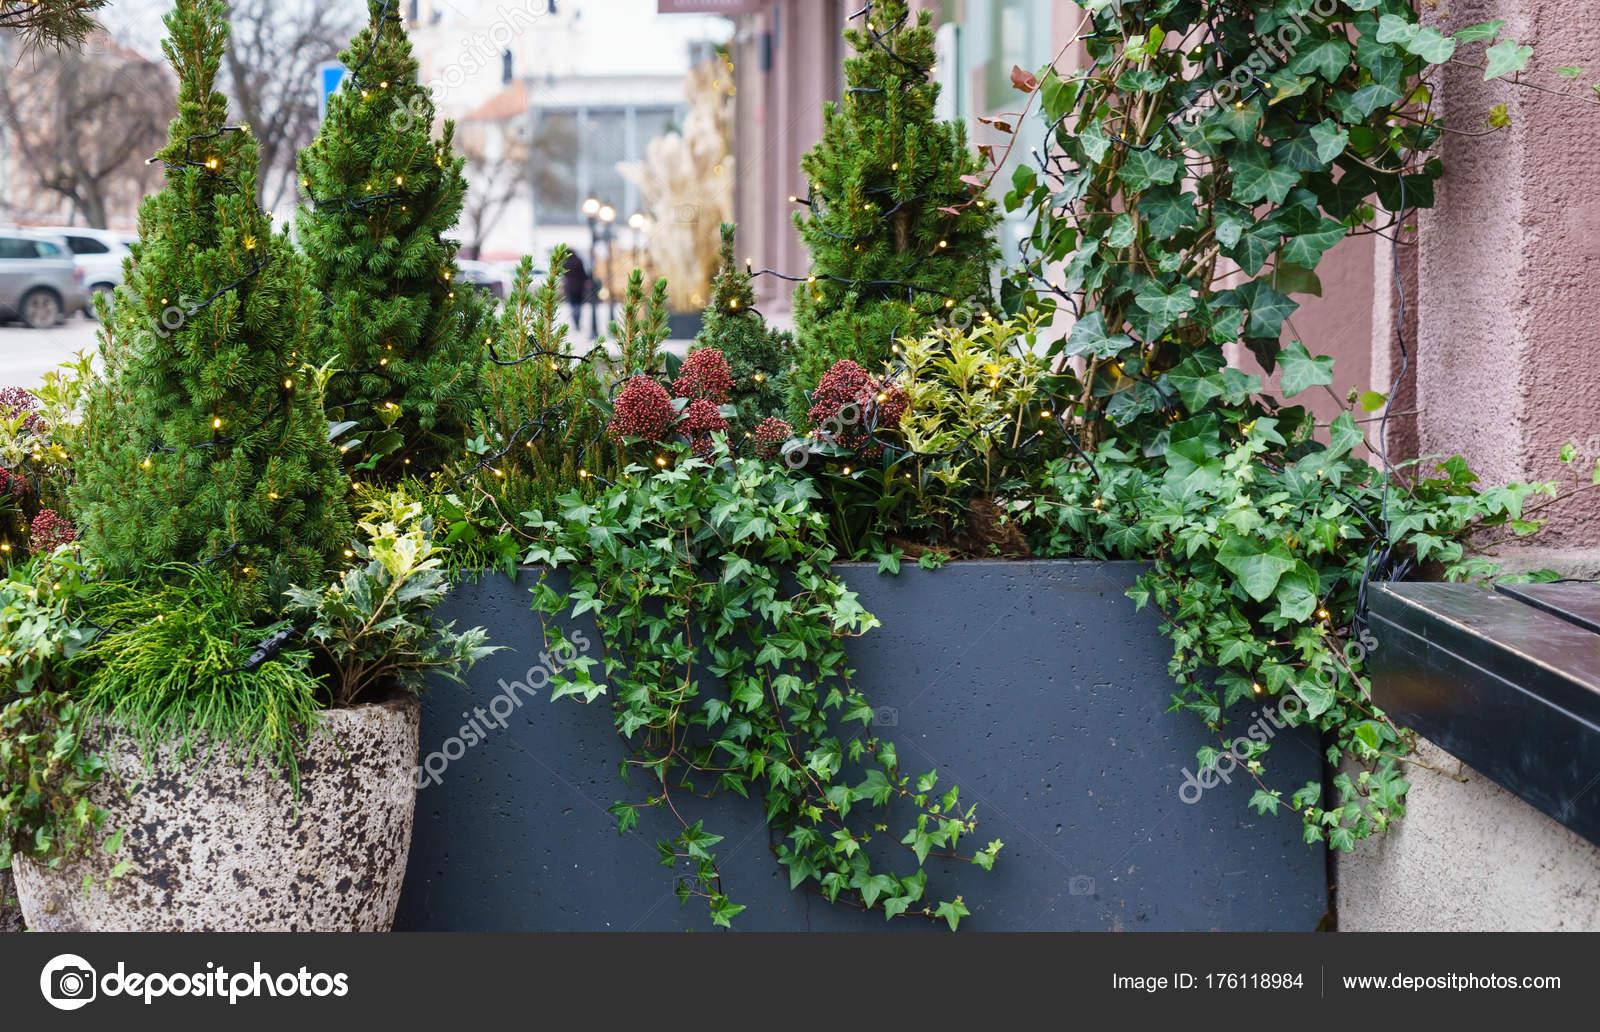 Winter Planten Voor Buiten.Groene Winter Planten Groeien Buiten Stockfoto C Shebeko